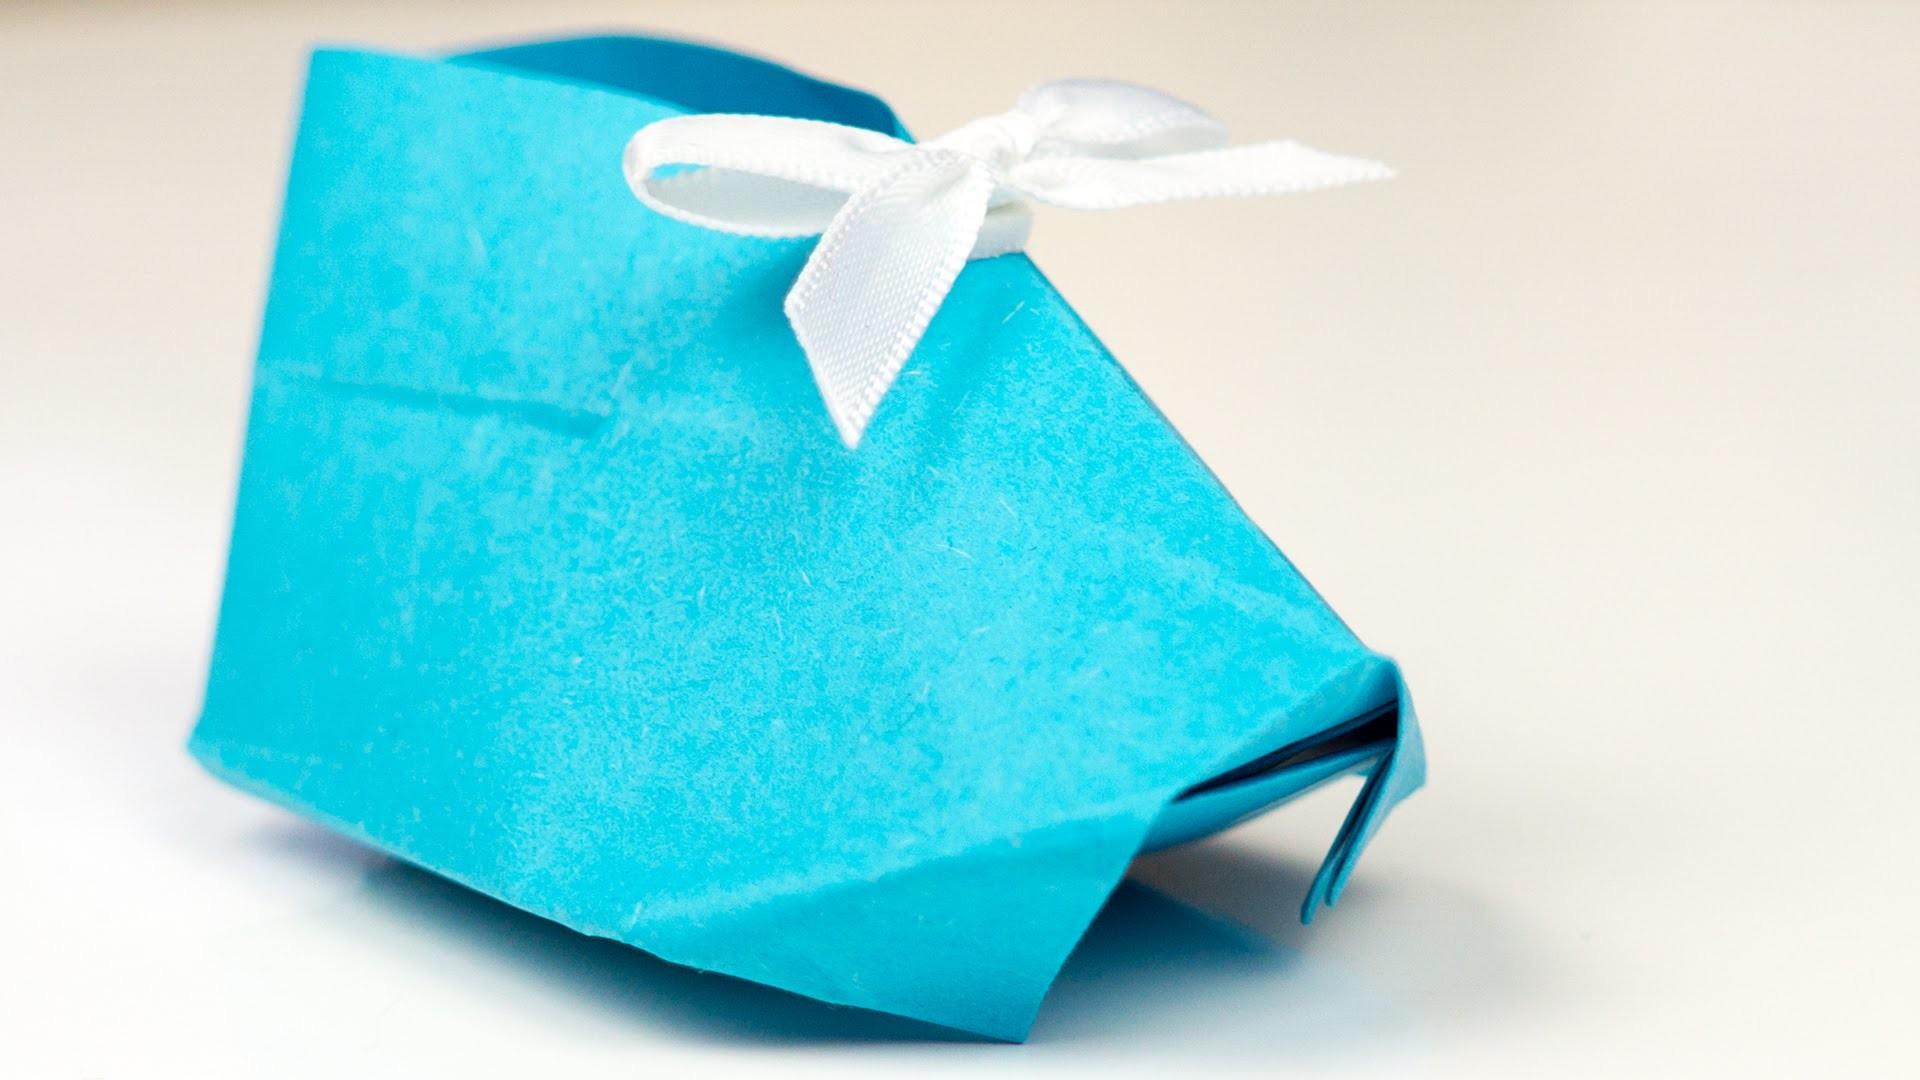 origami origami babyschuhe aus papier falten bastelanleitung geldschein falten maus maus mit. Black Bedroom Furniture Sets. Home Design Ideas